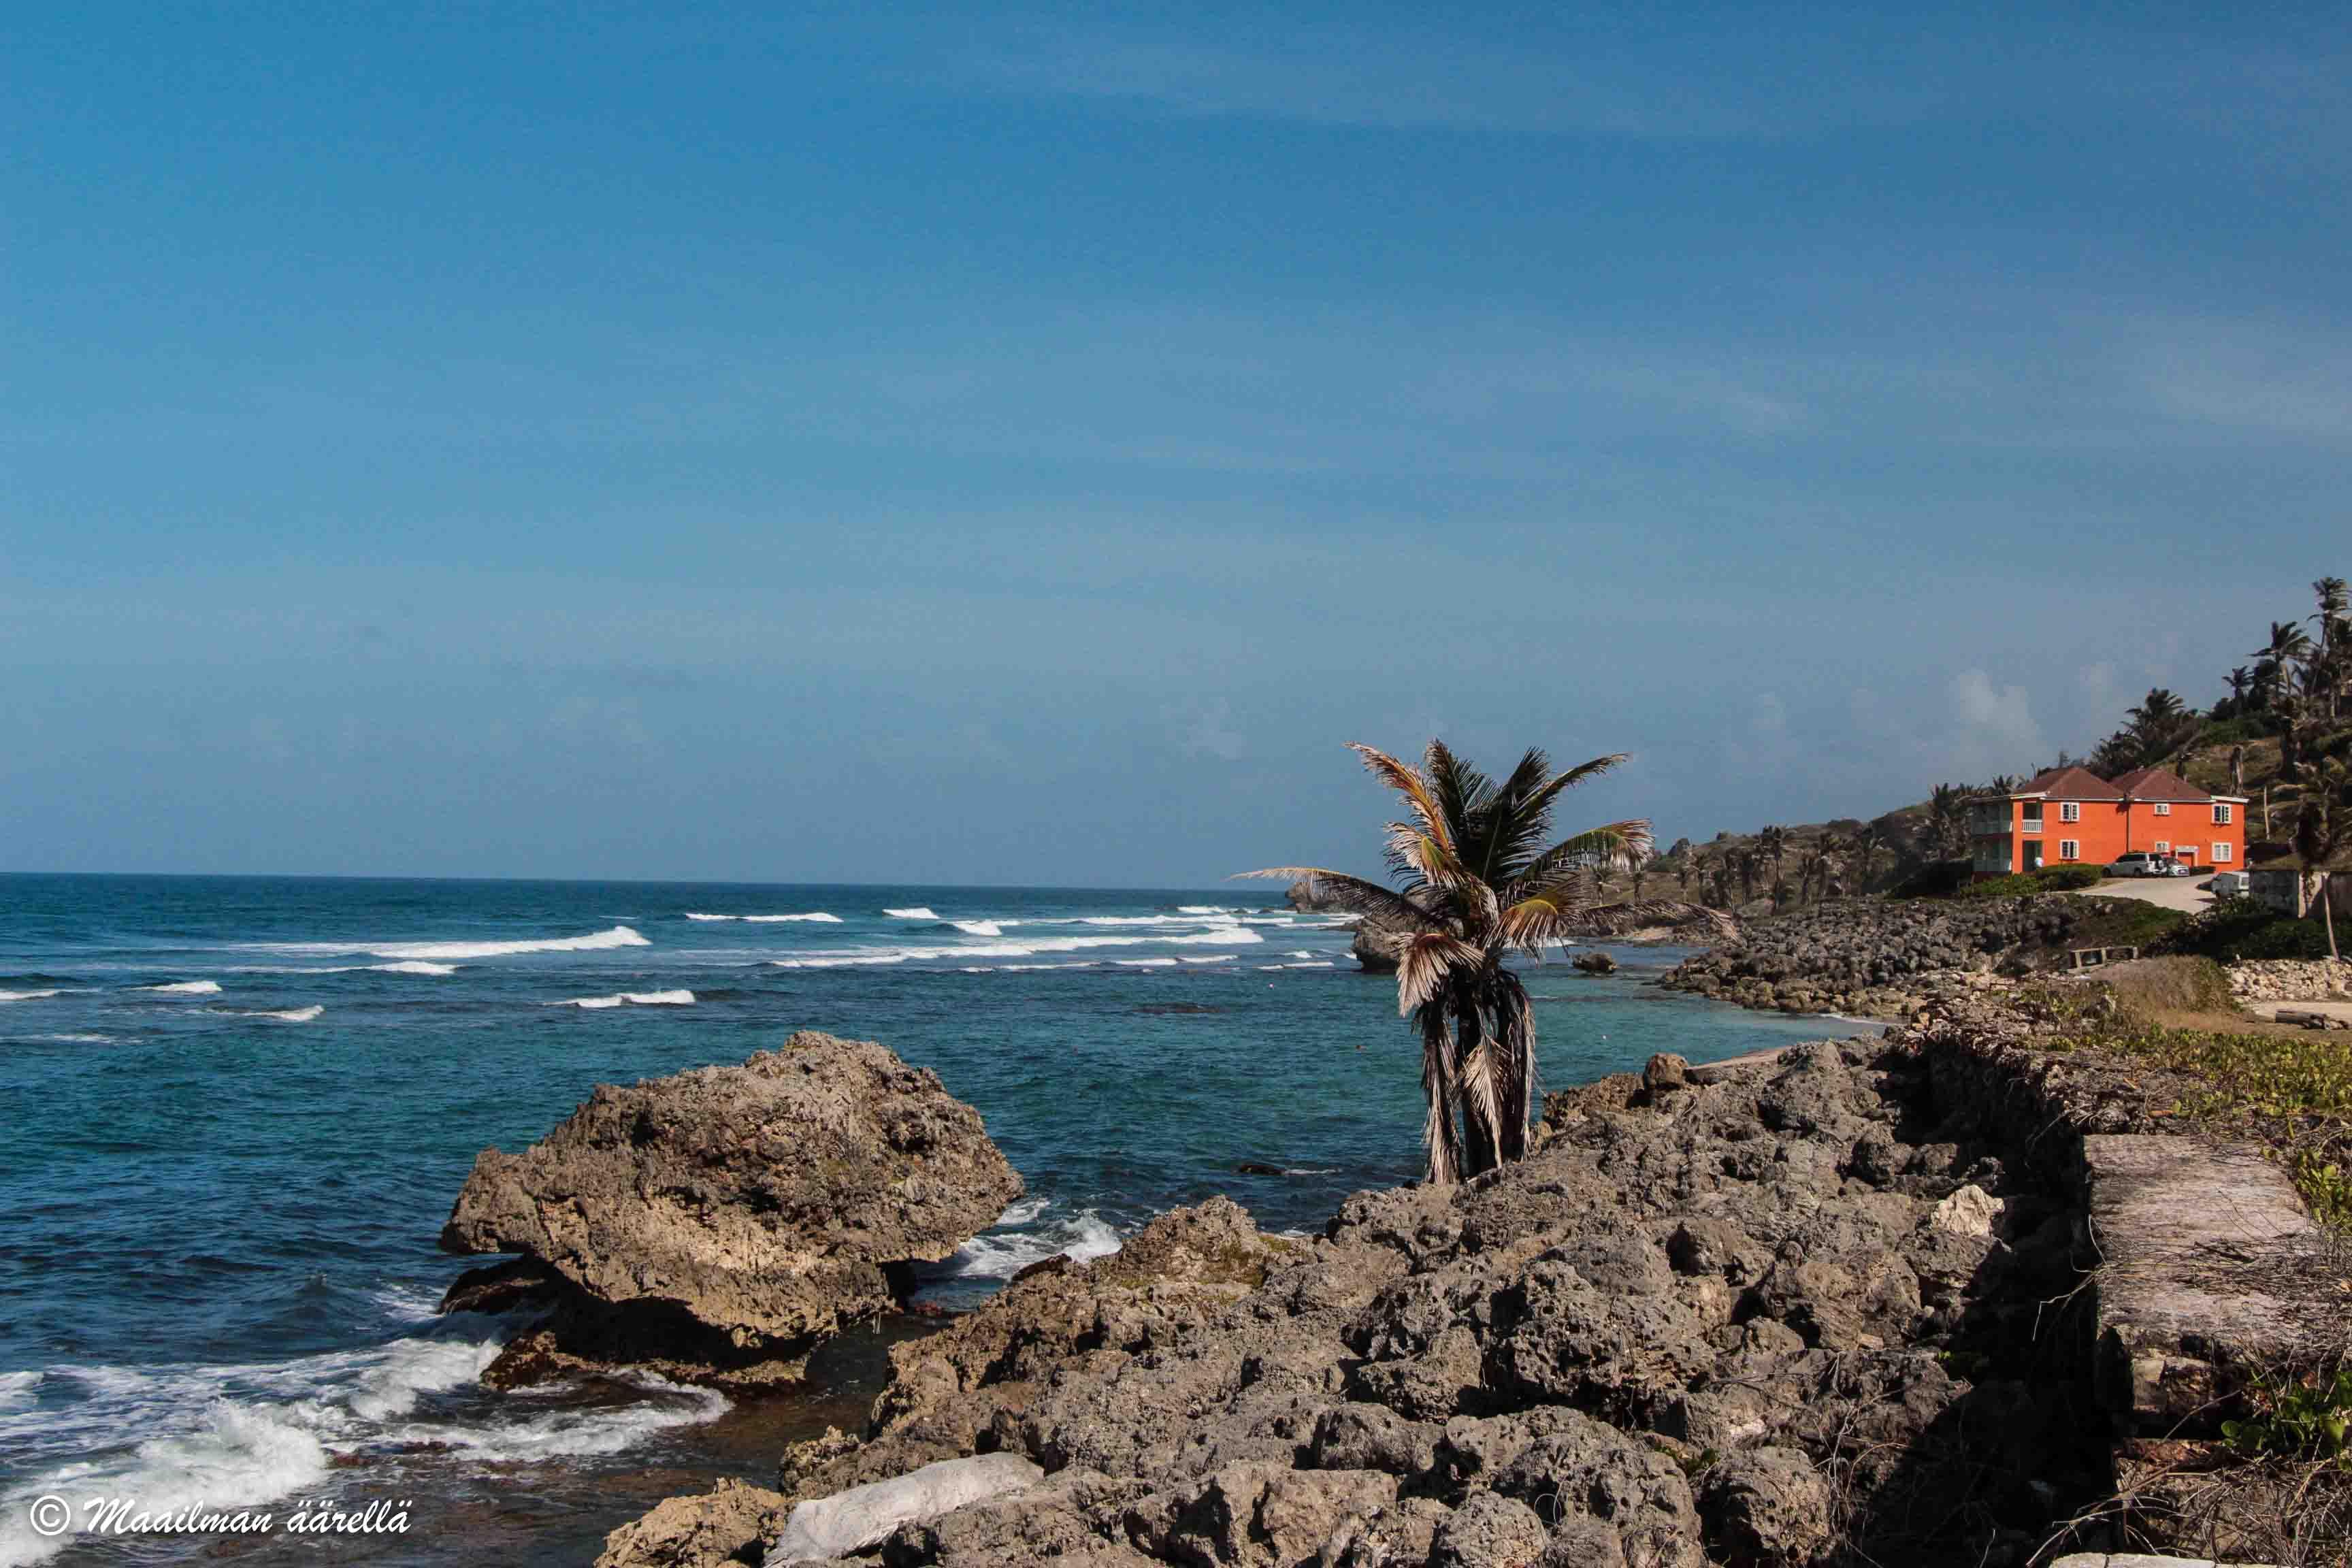 Barbados Bathseba